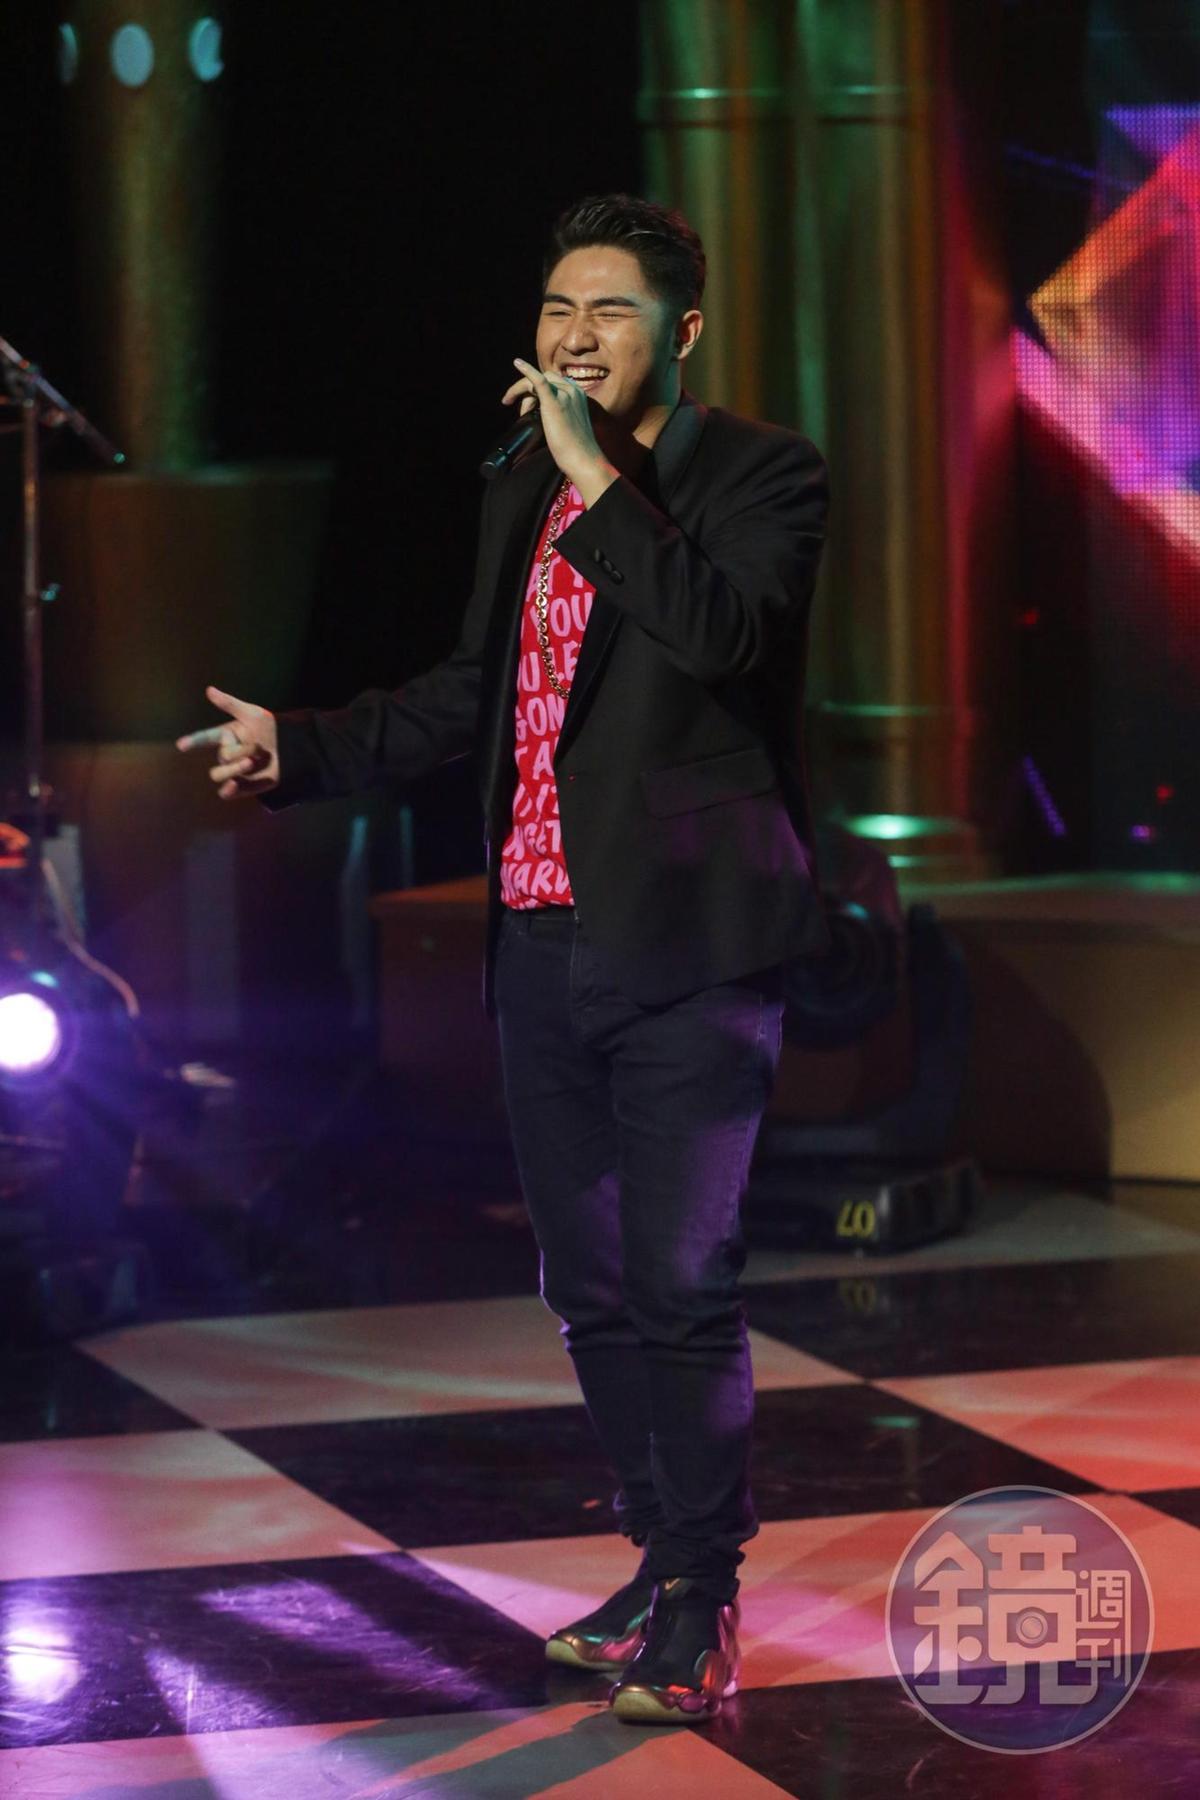 鹿希派上節目宣傳專輯,彈琴又獻唱,展現音樂實力。